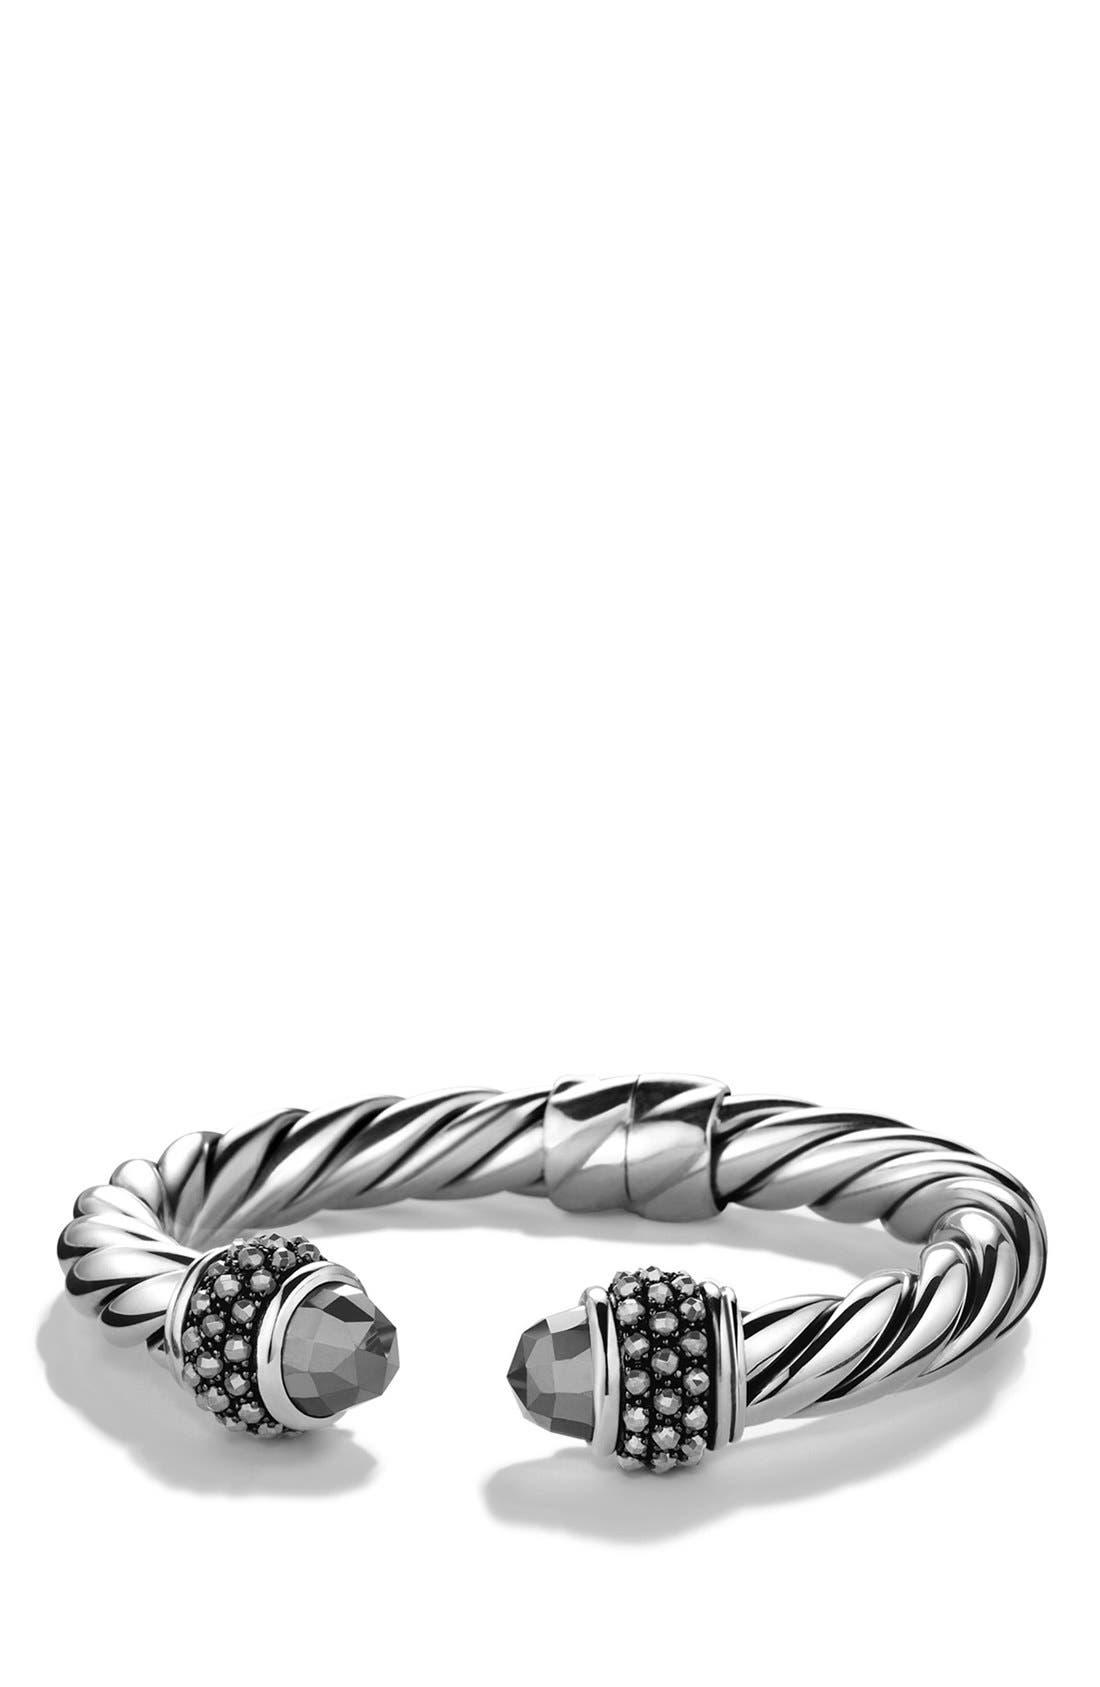 Main Image - David Yurman Bracelet with Semiprecious Stones